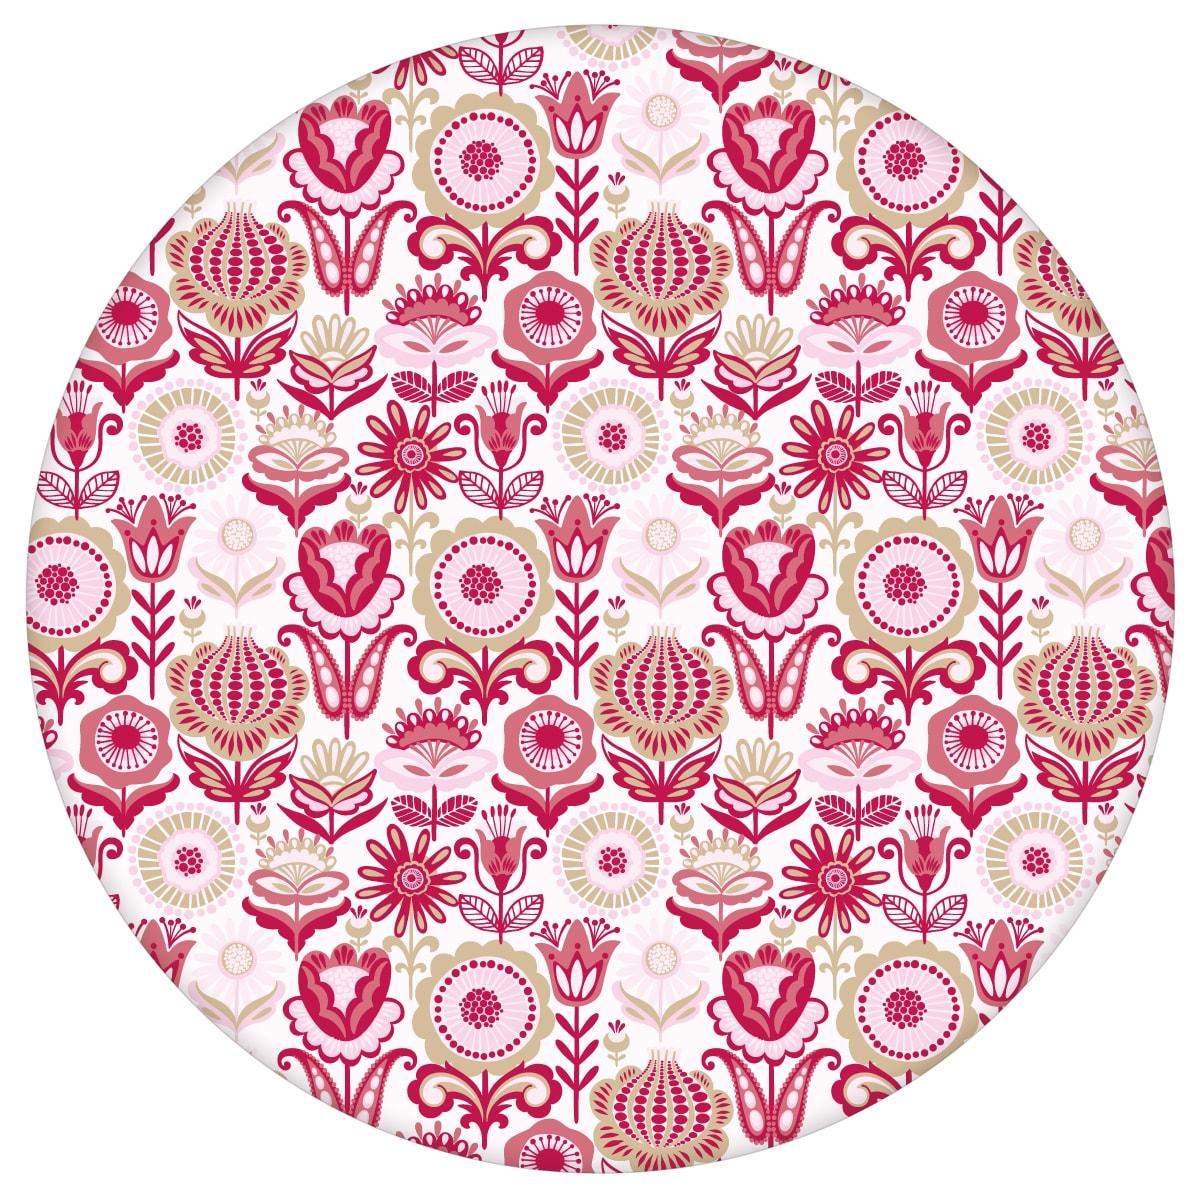 """Nostalgie Blüten Tapet """"Fiore della nostalgia"""", rosa Vlies-Tapete Blumen, folklore Wanddeko für Schlafzimmer aus den Tapeten Neuheiten Blumentapeten und Borten als Naturaltouch Luxus Vliestapete oder Basic Vliestapete"""